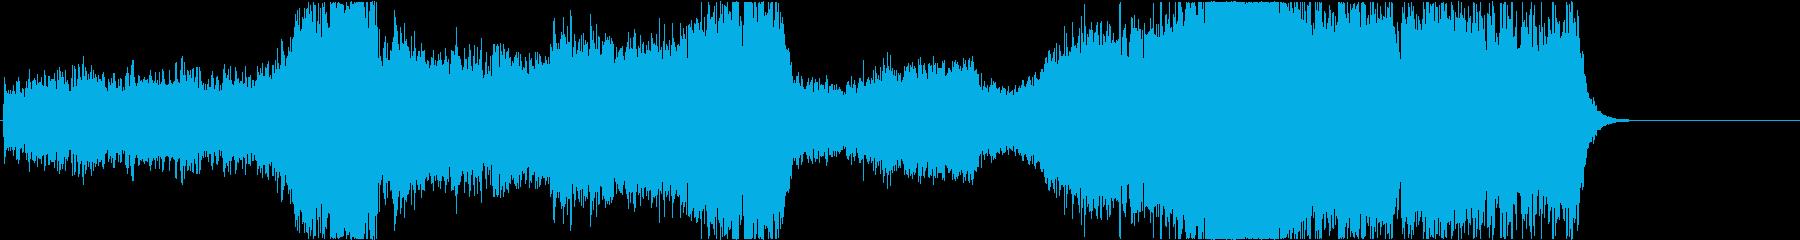 メインテーマに合う壮大なオーケストラ音楽の再生済みの波形